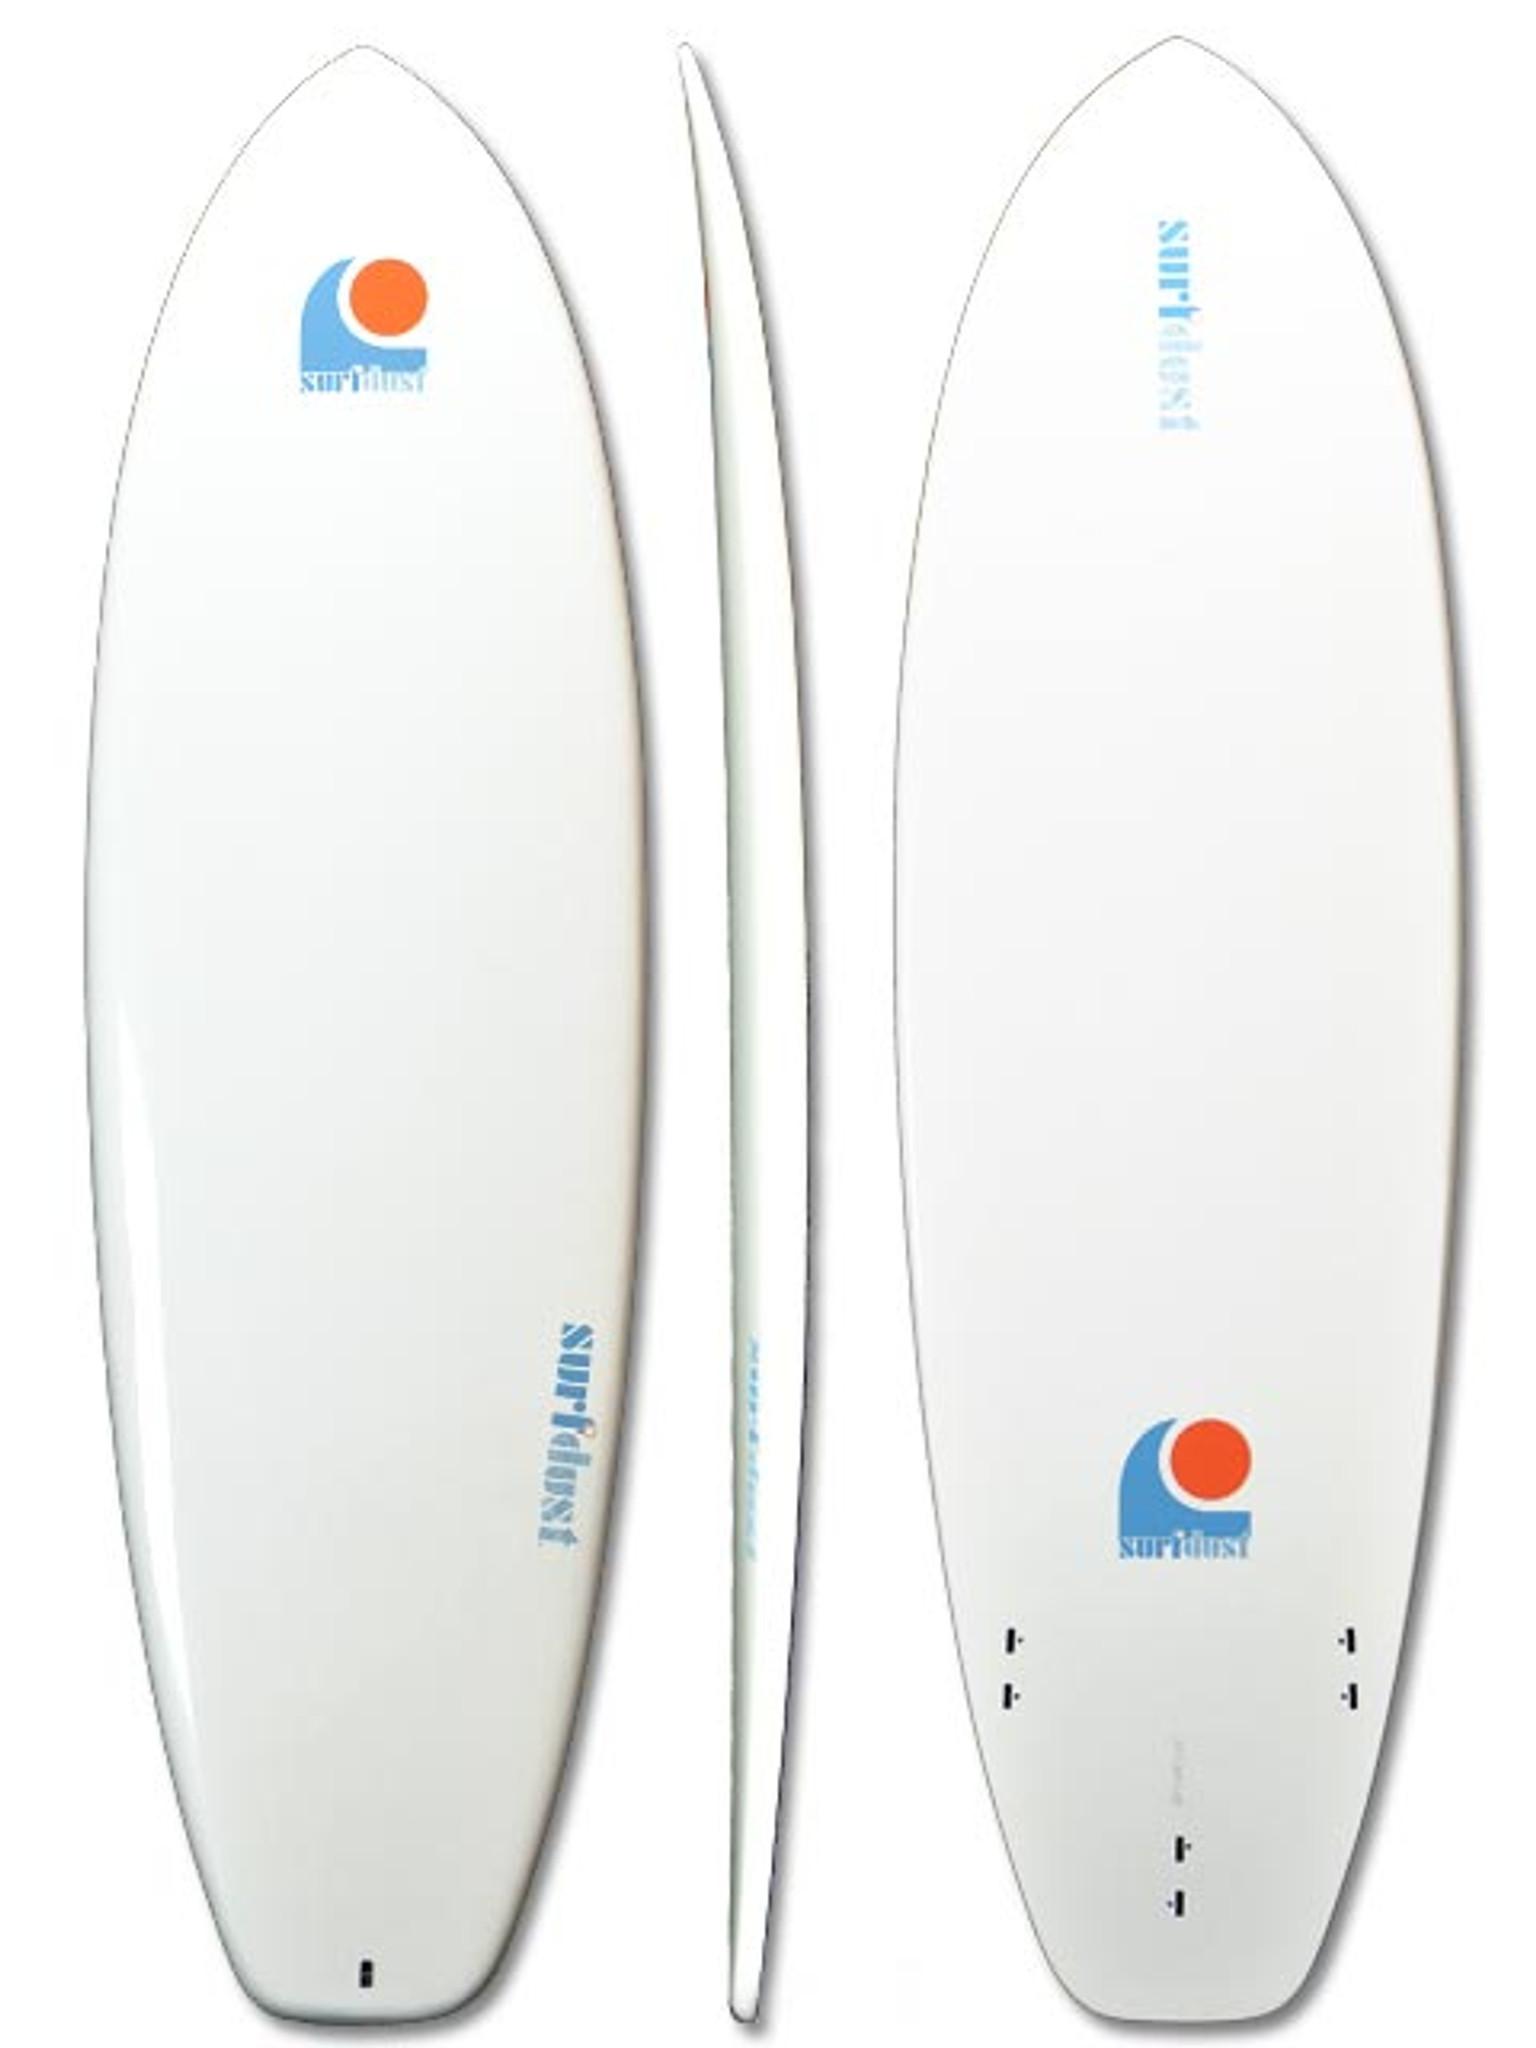 SURFDUST - 6.4ft Mini-Mal Epoxy Surfboard - Surfing